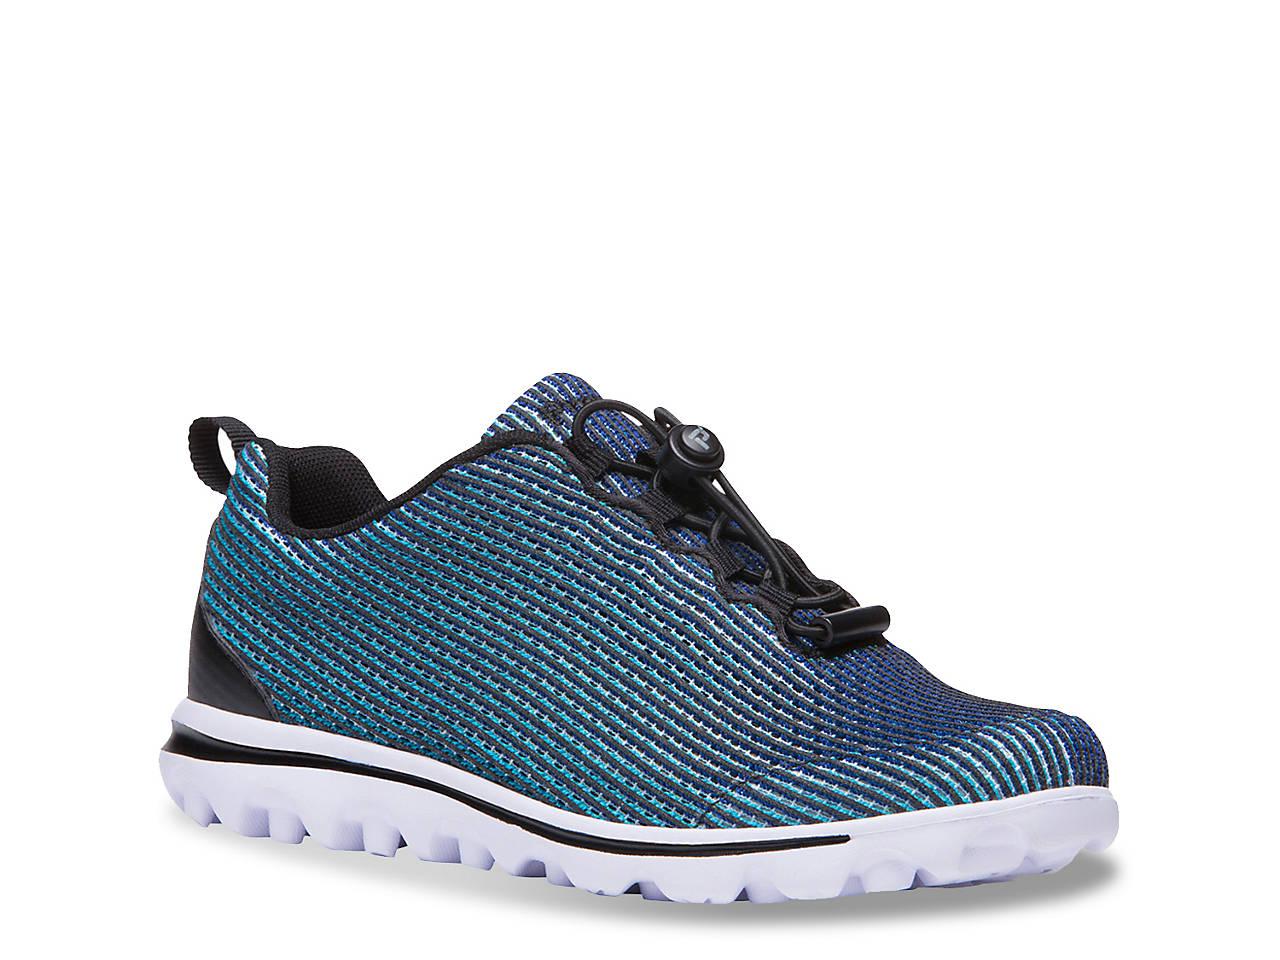 c2279282edec Propet TravelActiv Xpress Walking Shoe - Women s Women s Shoes